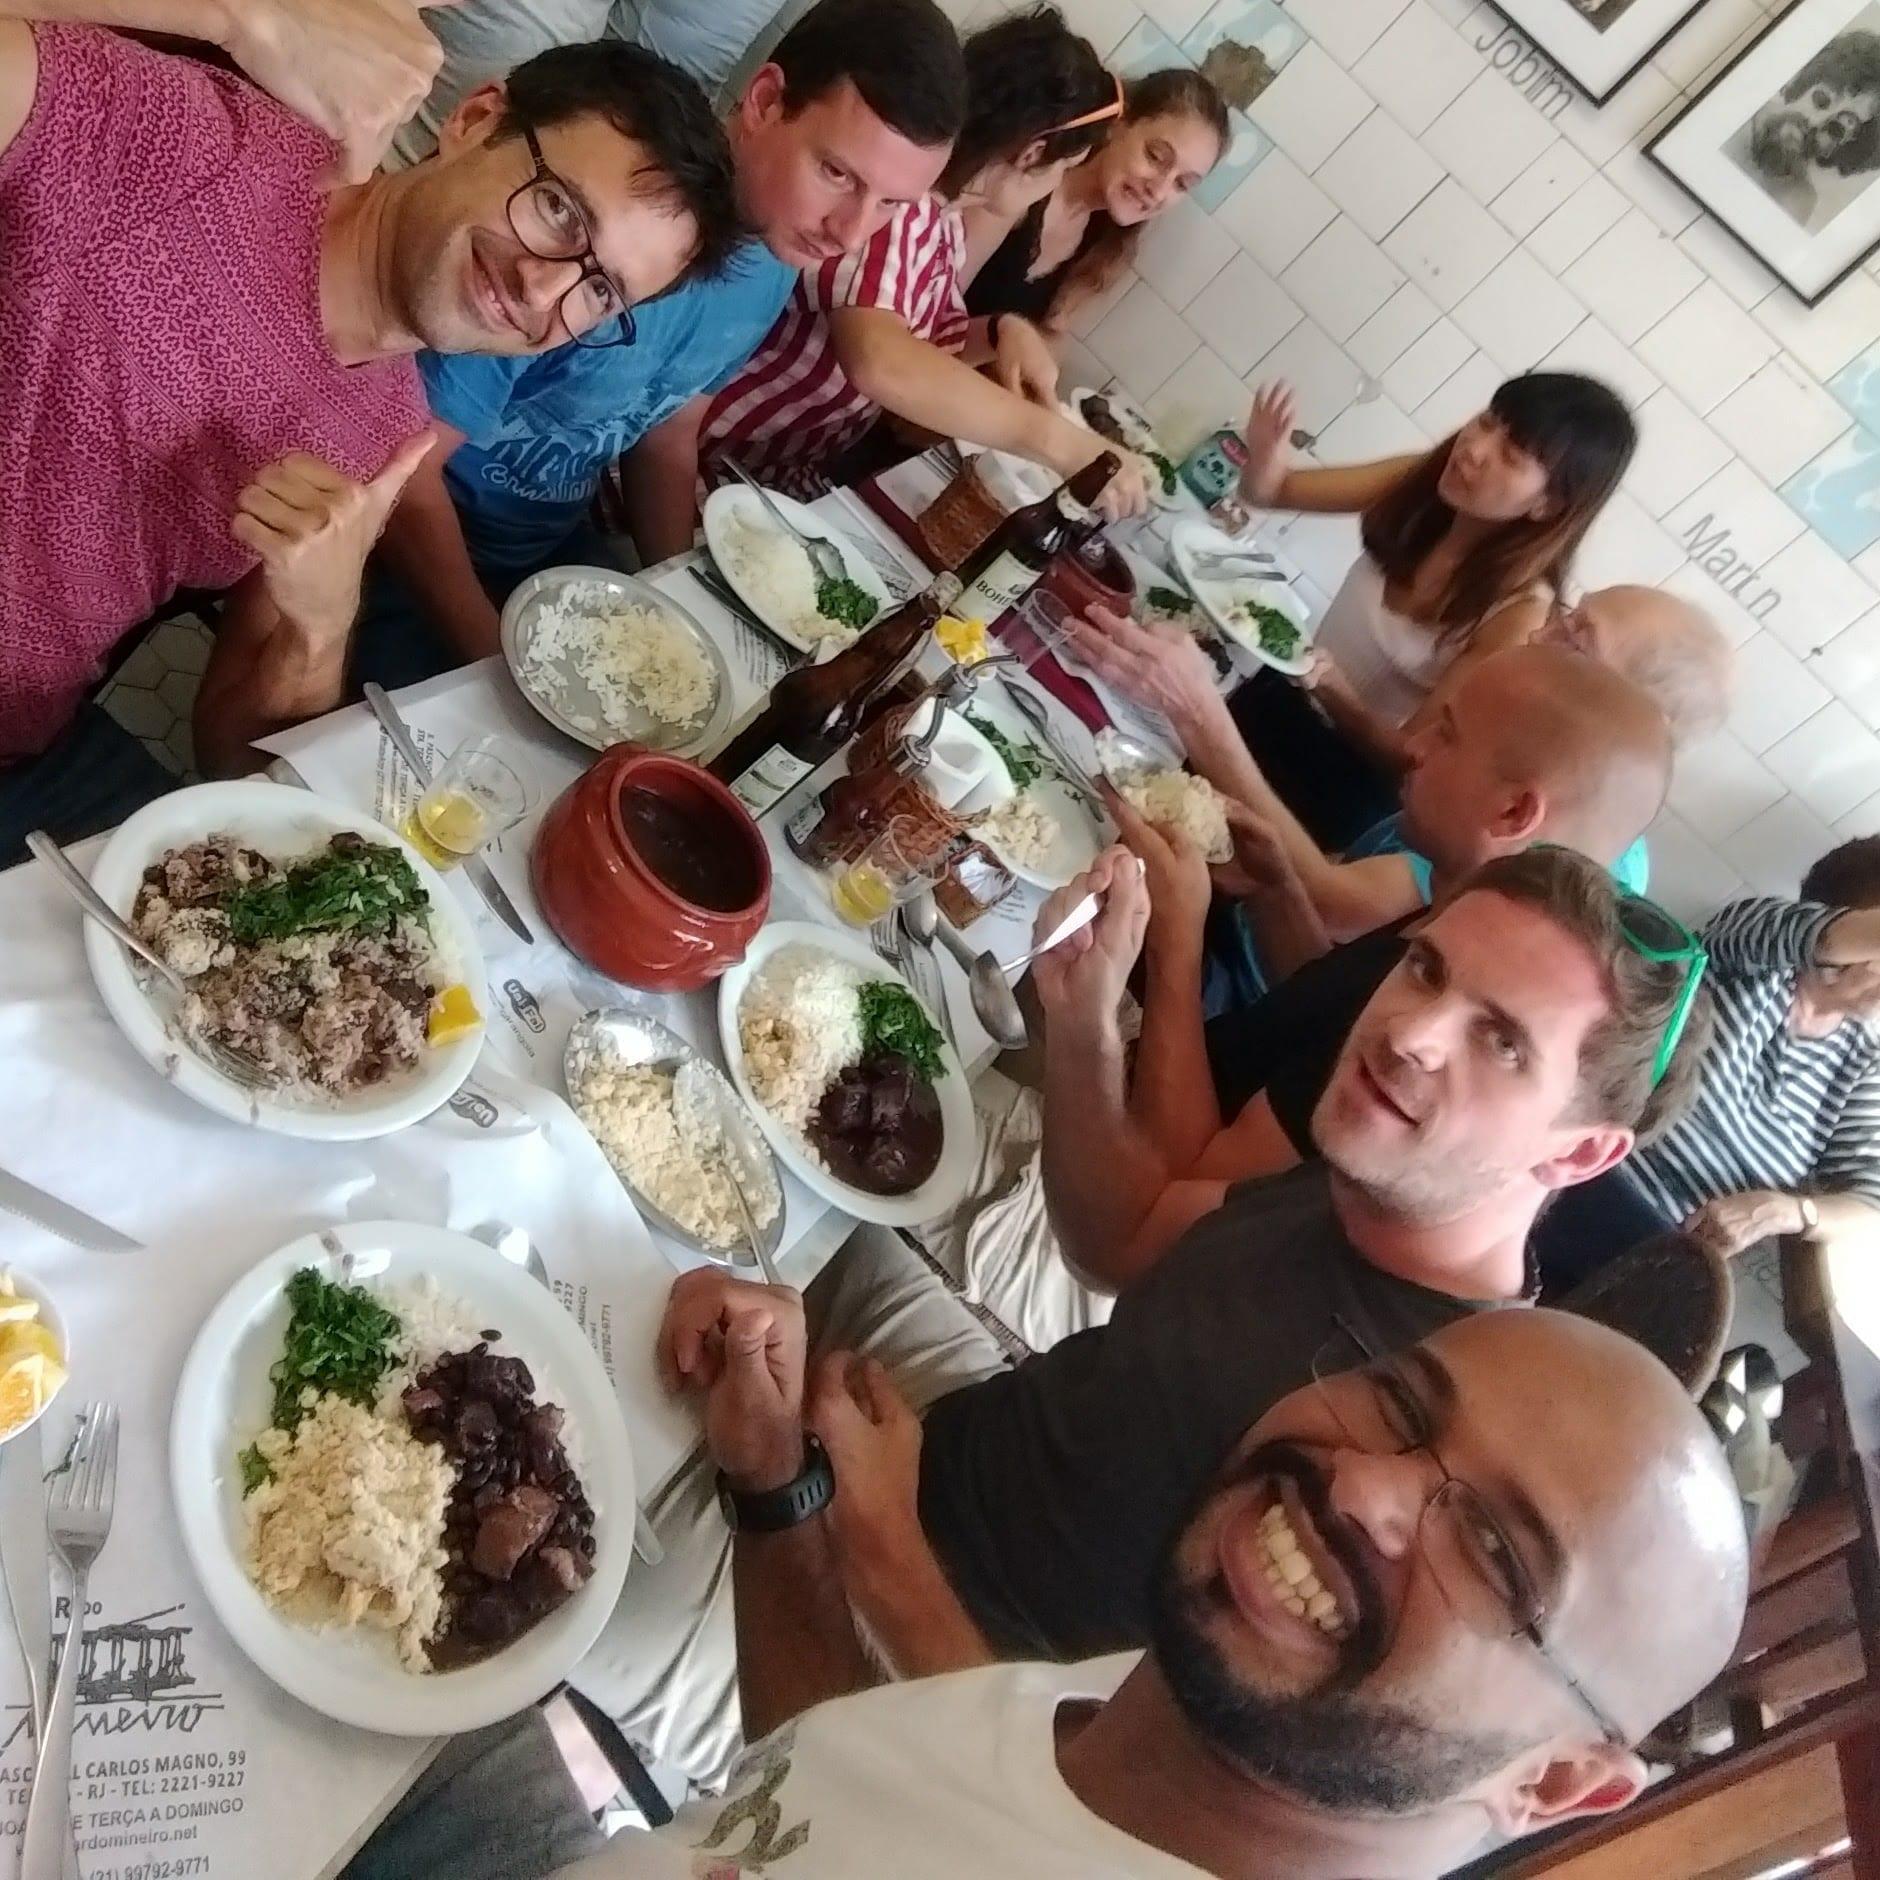 restaurantes no rio de janeiro - Bar do Mineiro